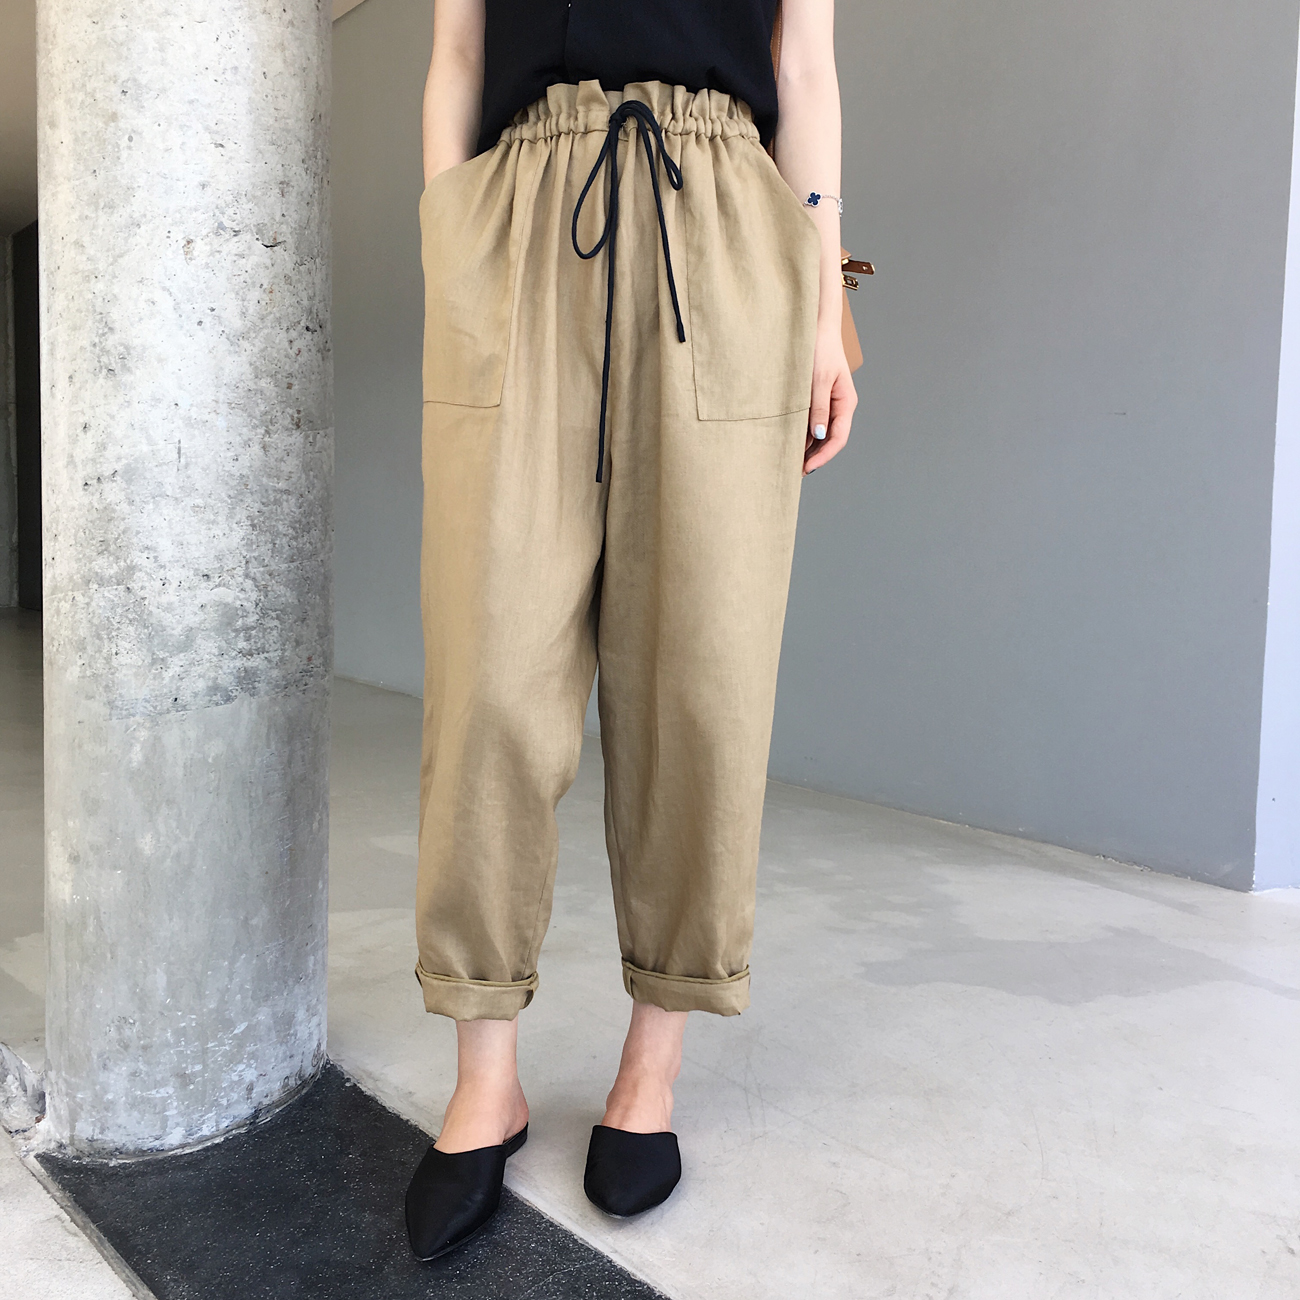 ◆ANNA◆复古亚麻宽松萝卜裤显瘦休闲棉麻九分裤女装2018夏季新款